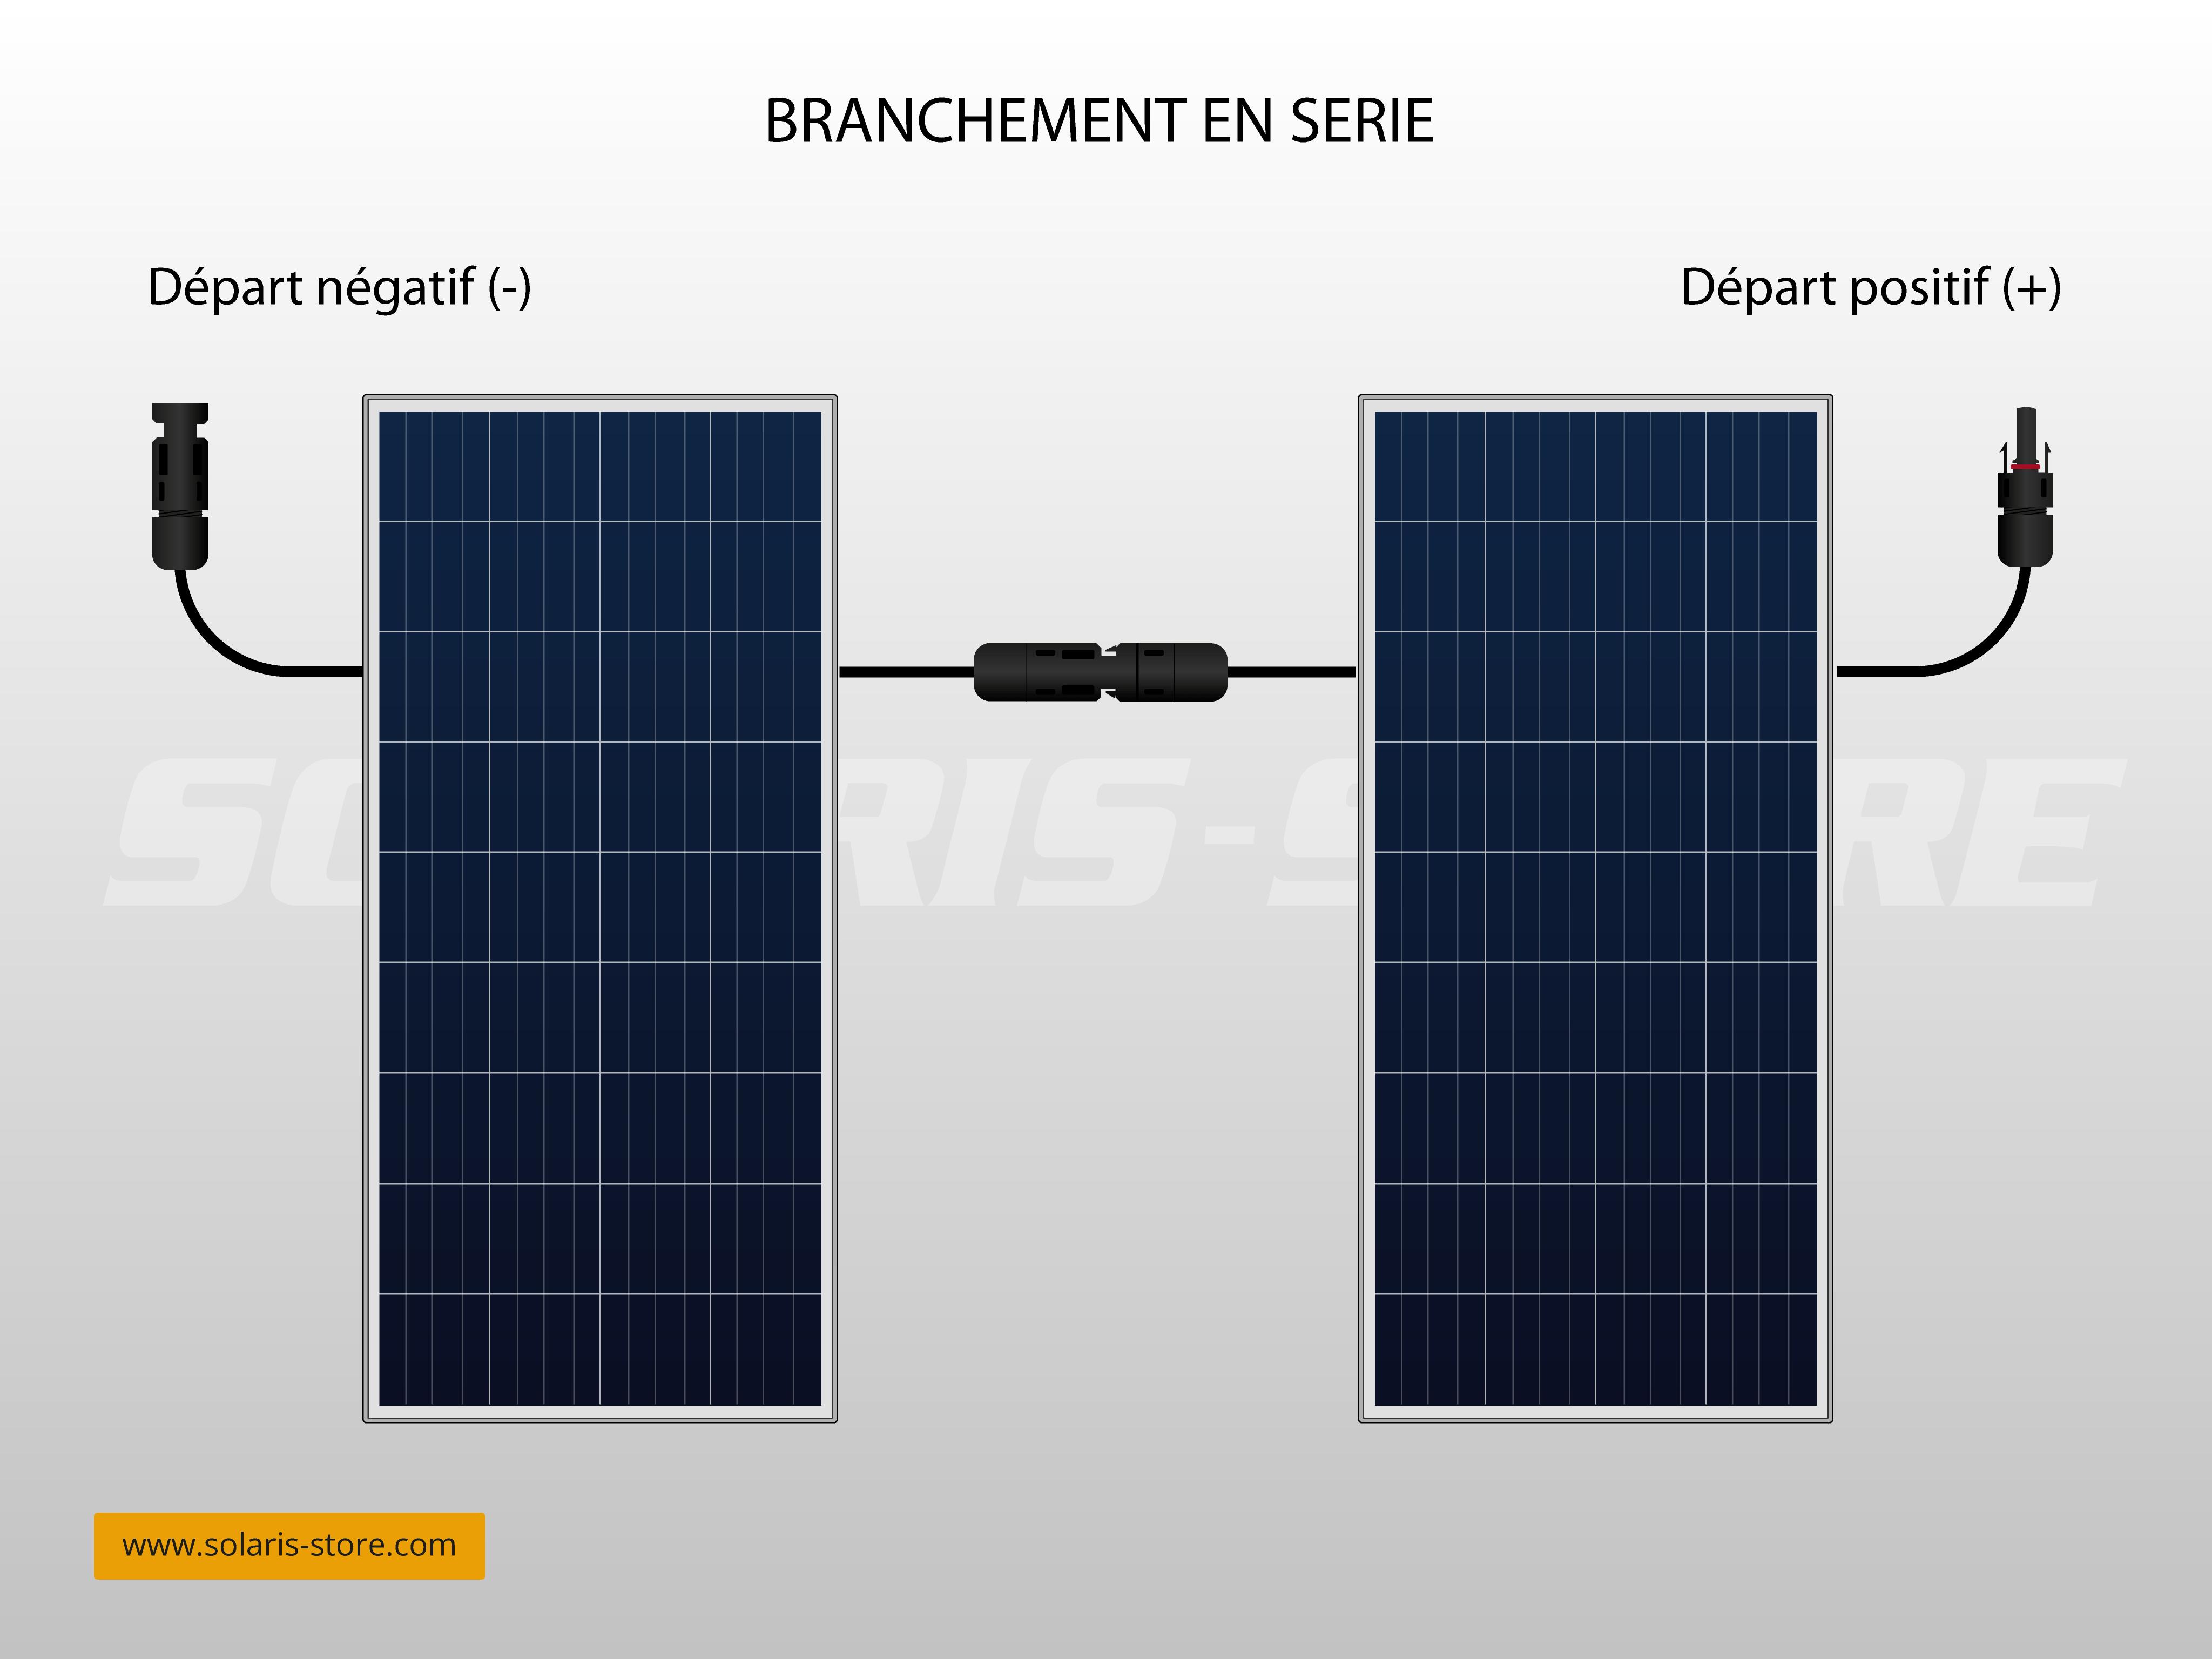 Branchement de panneaux solaires en série